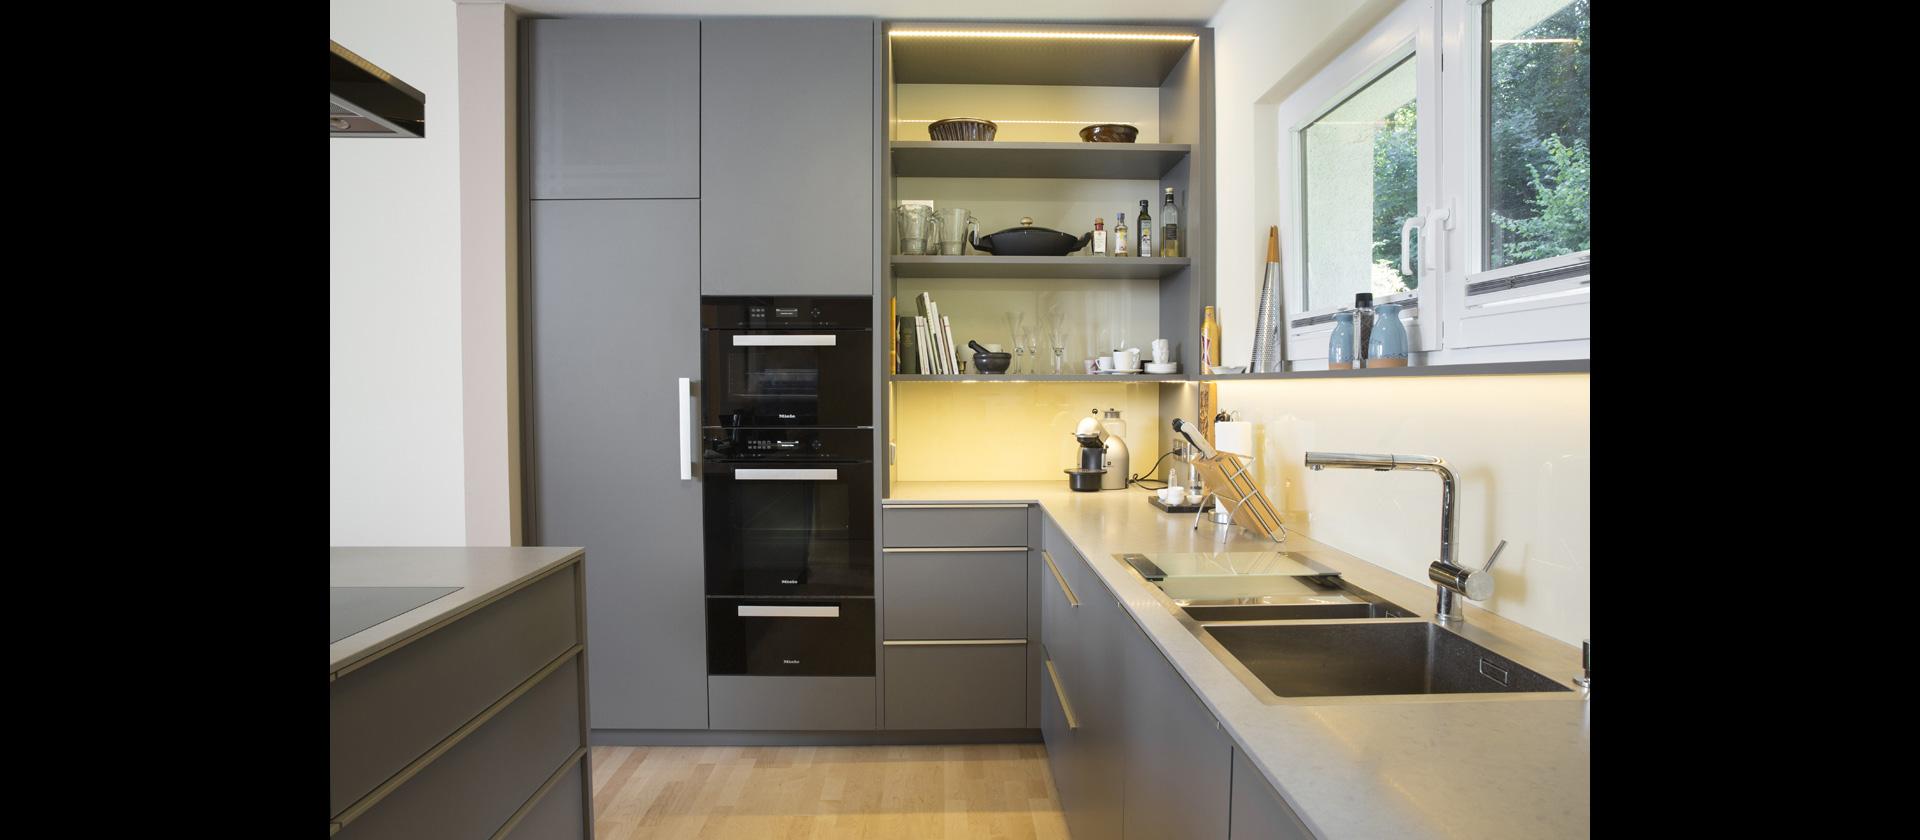 kuche grau matt, mtb-küche in beschichtung grau, Design ideen